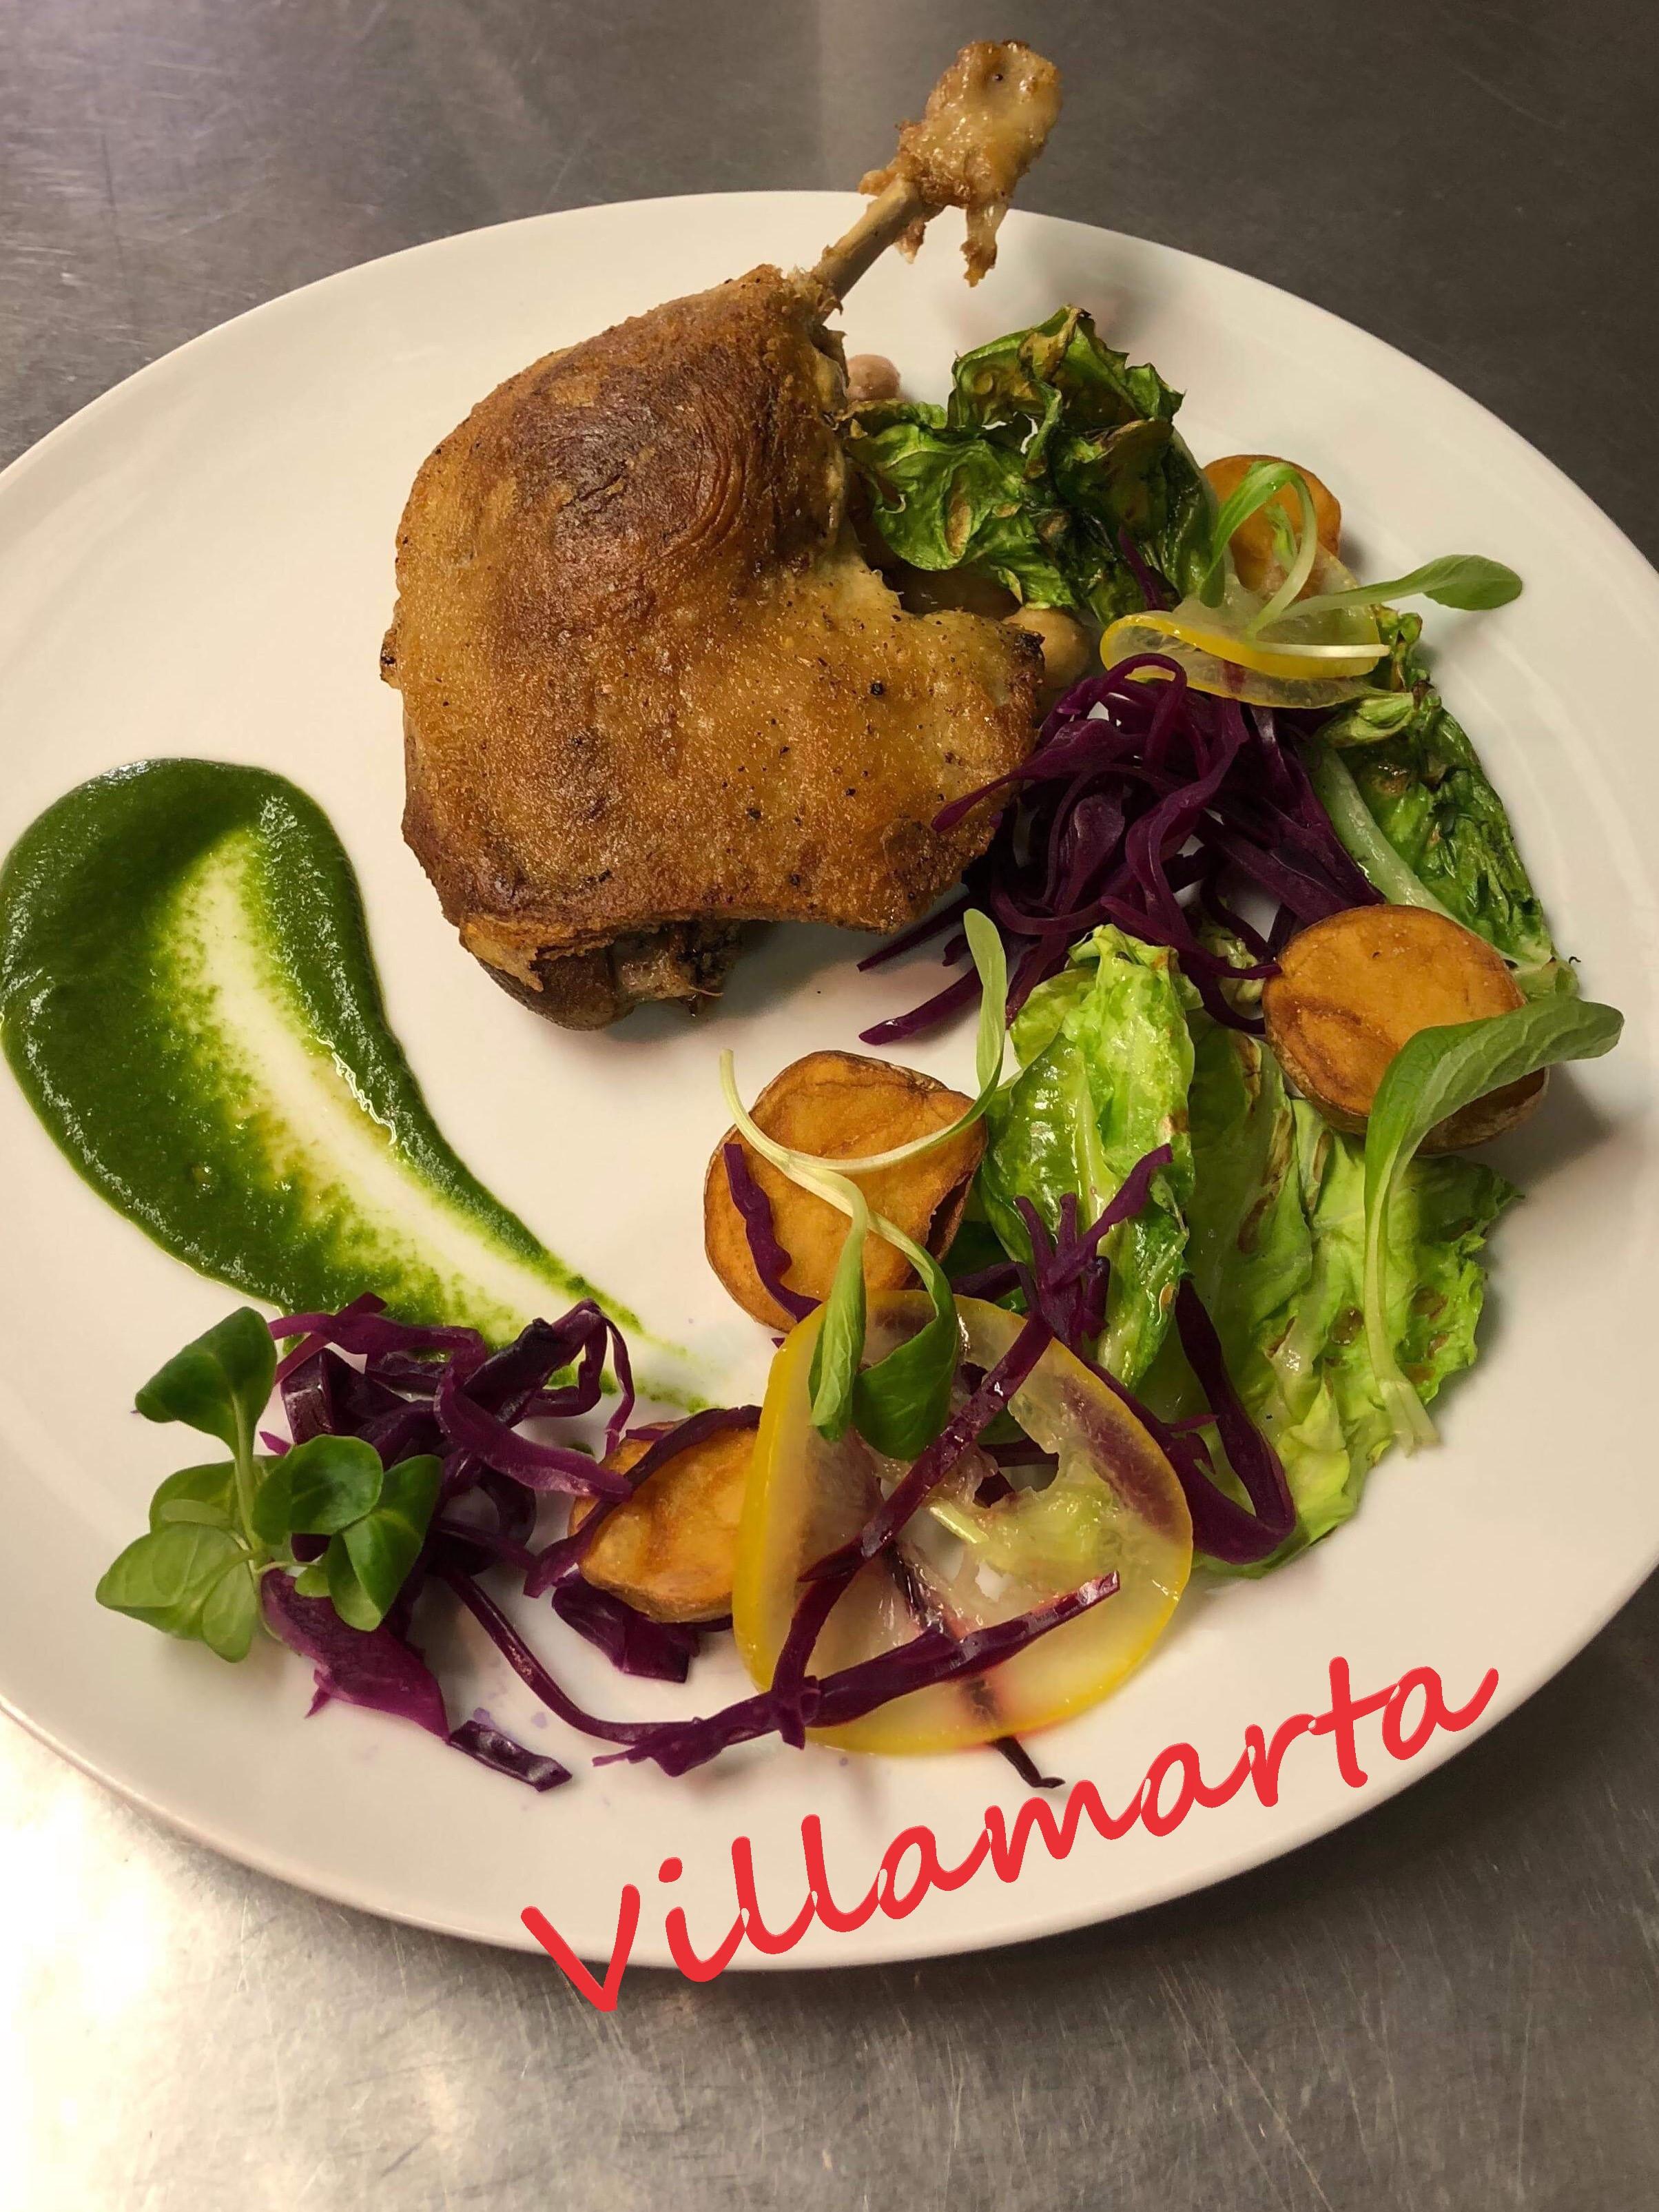 先着9名様!本日よりビジャマルタのメインが鴨もも肉のコンフィ、春野菜と自家製レモン塩に!